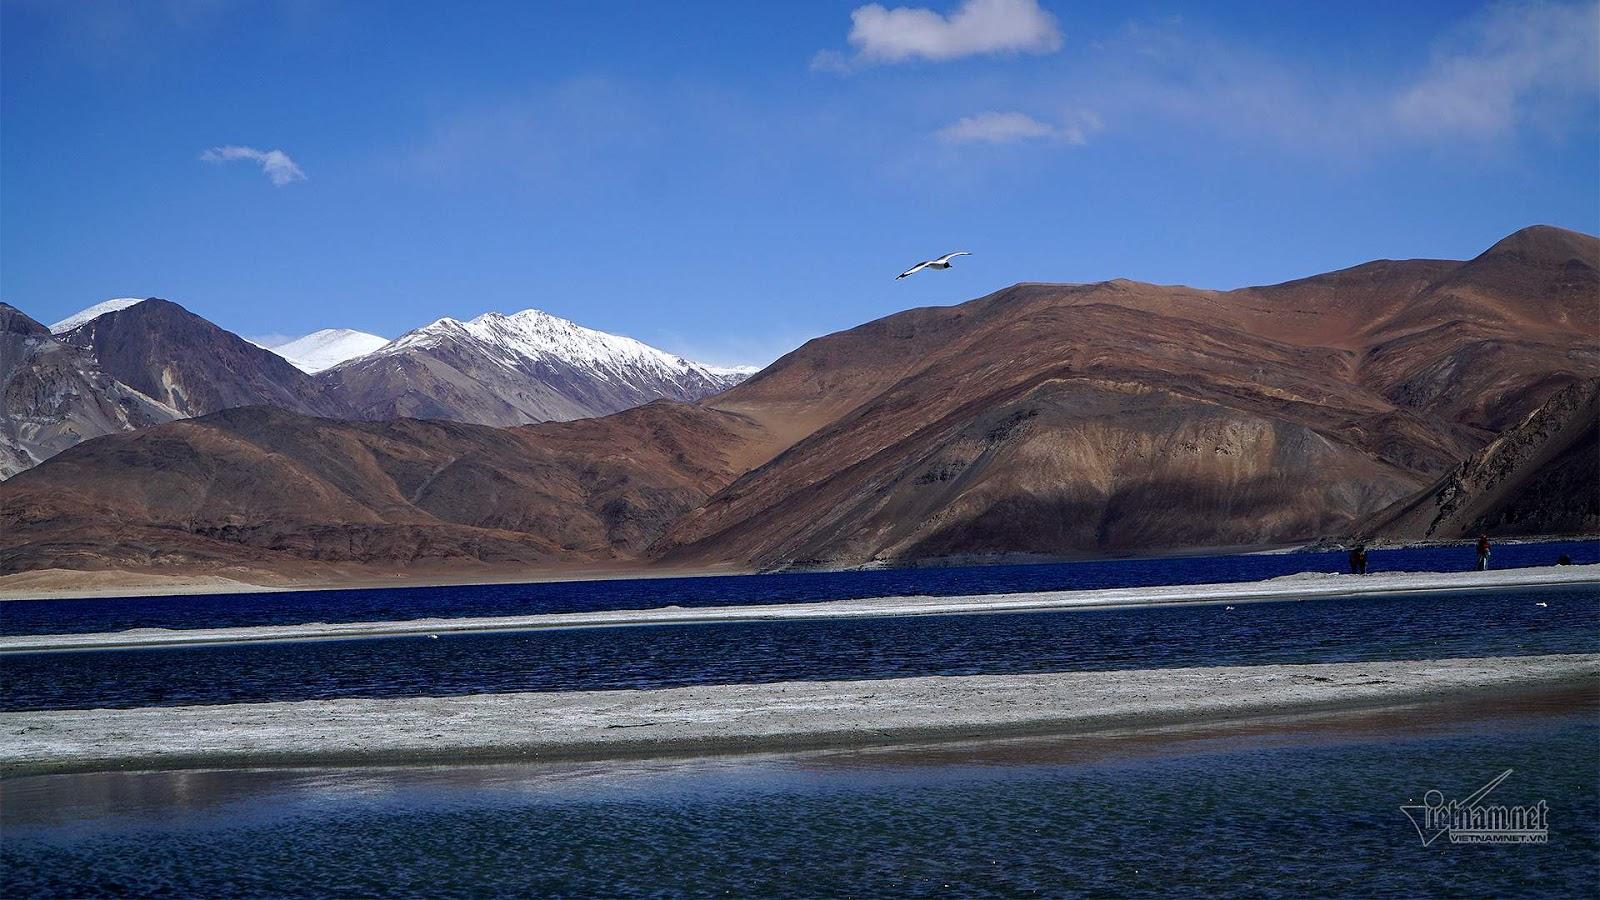 Khám phá vẻ đẹp huyền bí hồ Pangong - Ảnh 10